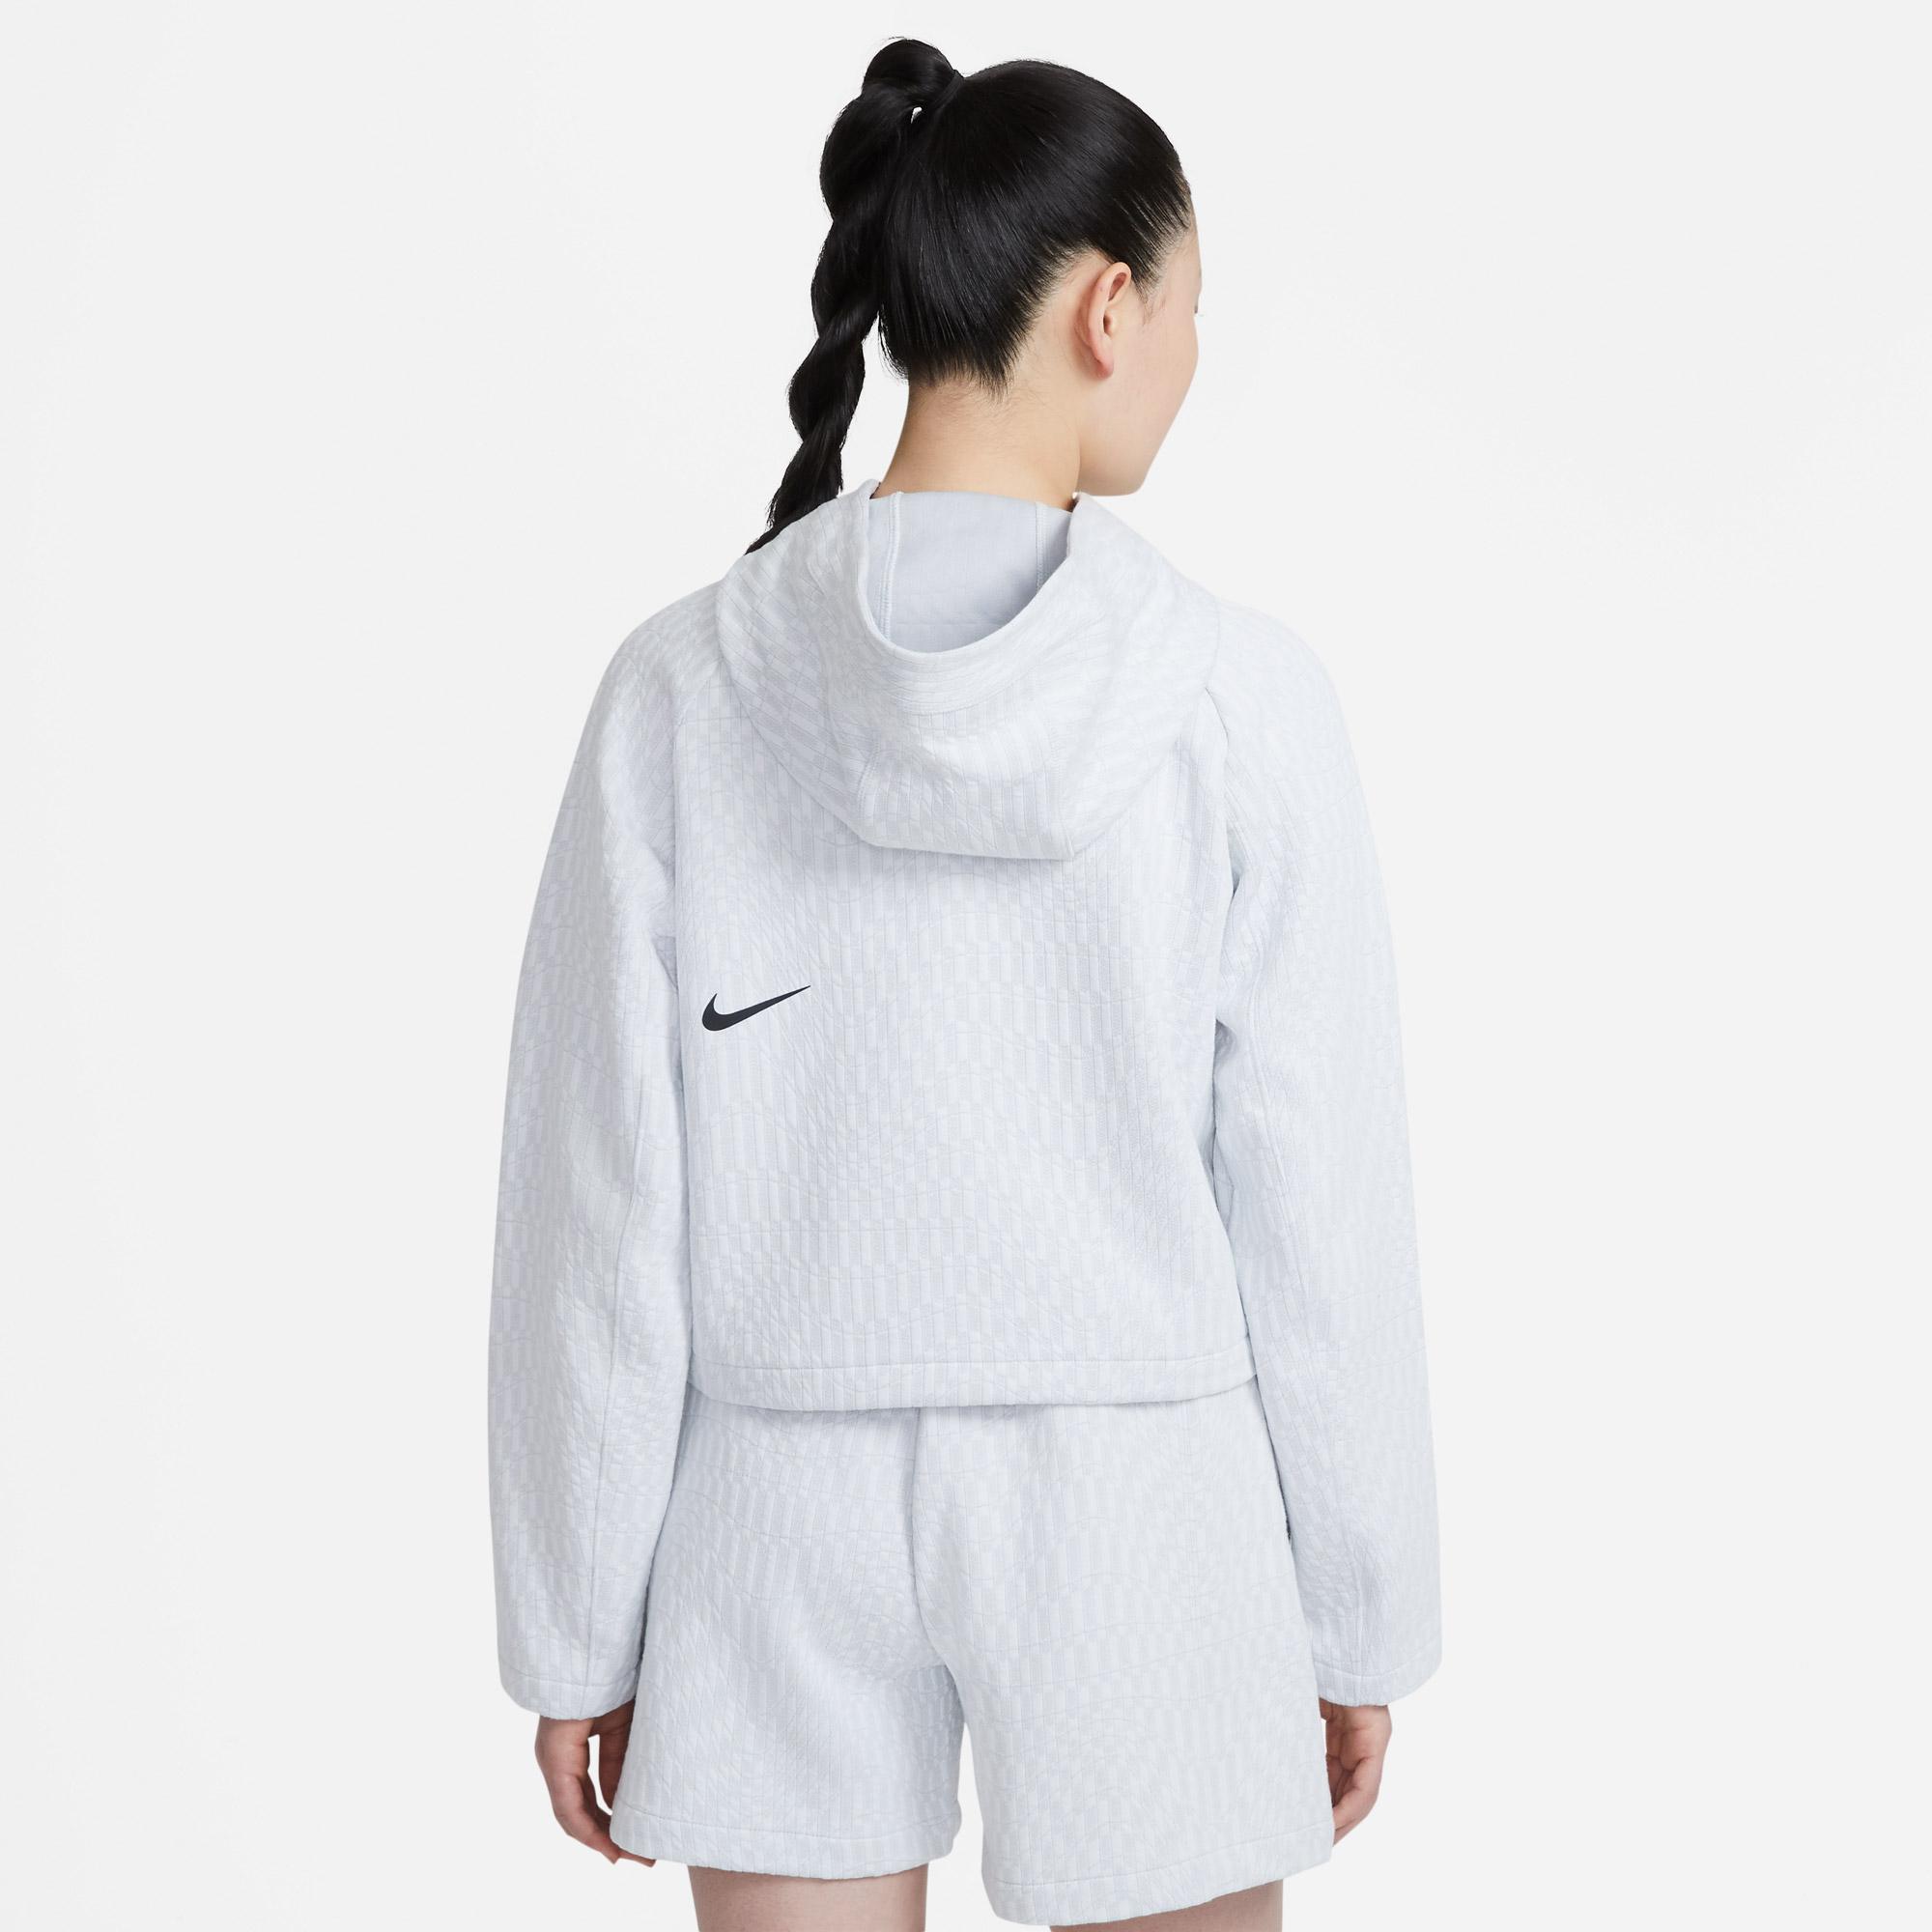 Nike Sportswear Tck Pck Aoj Kadın Beyaz Sweatshirt